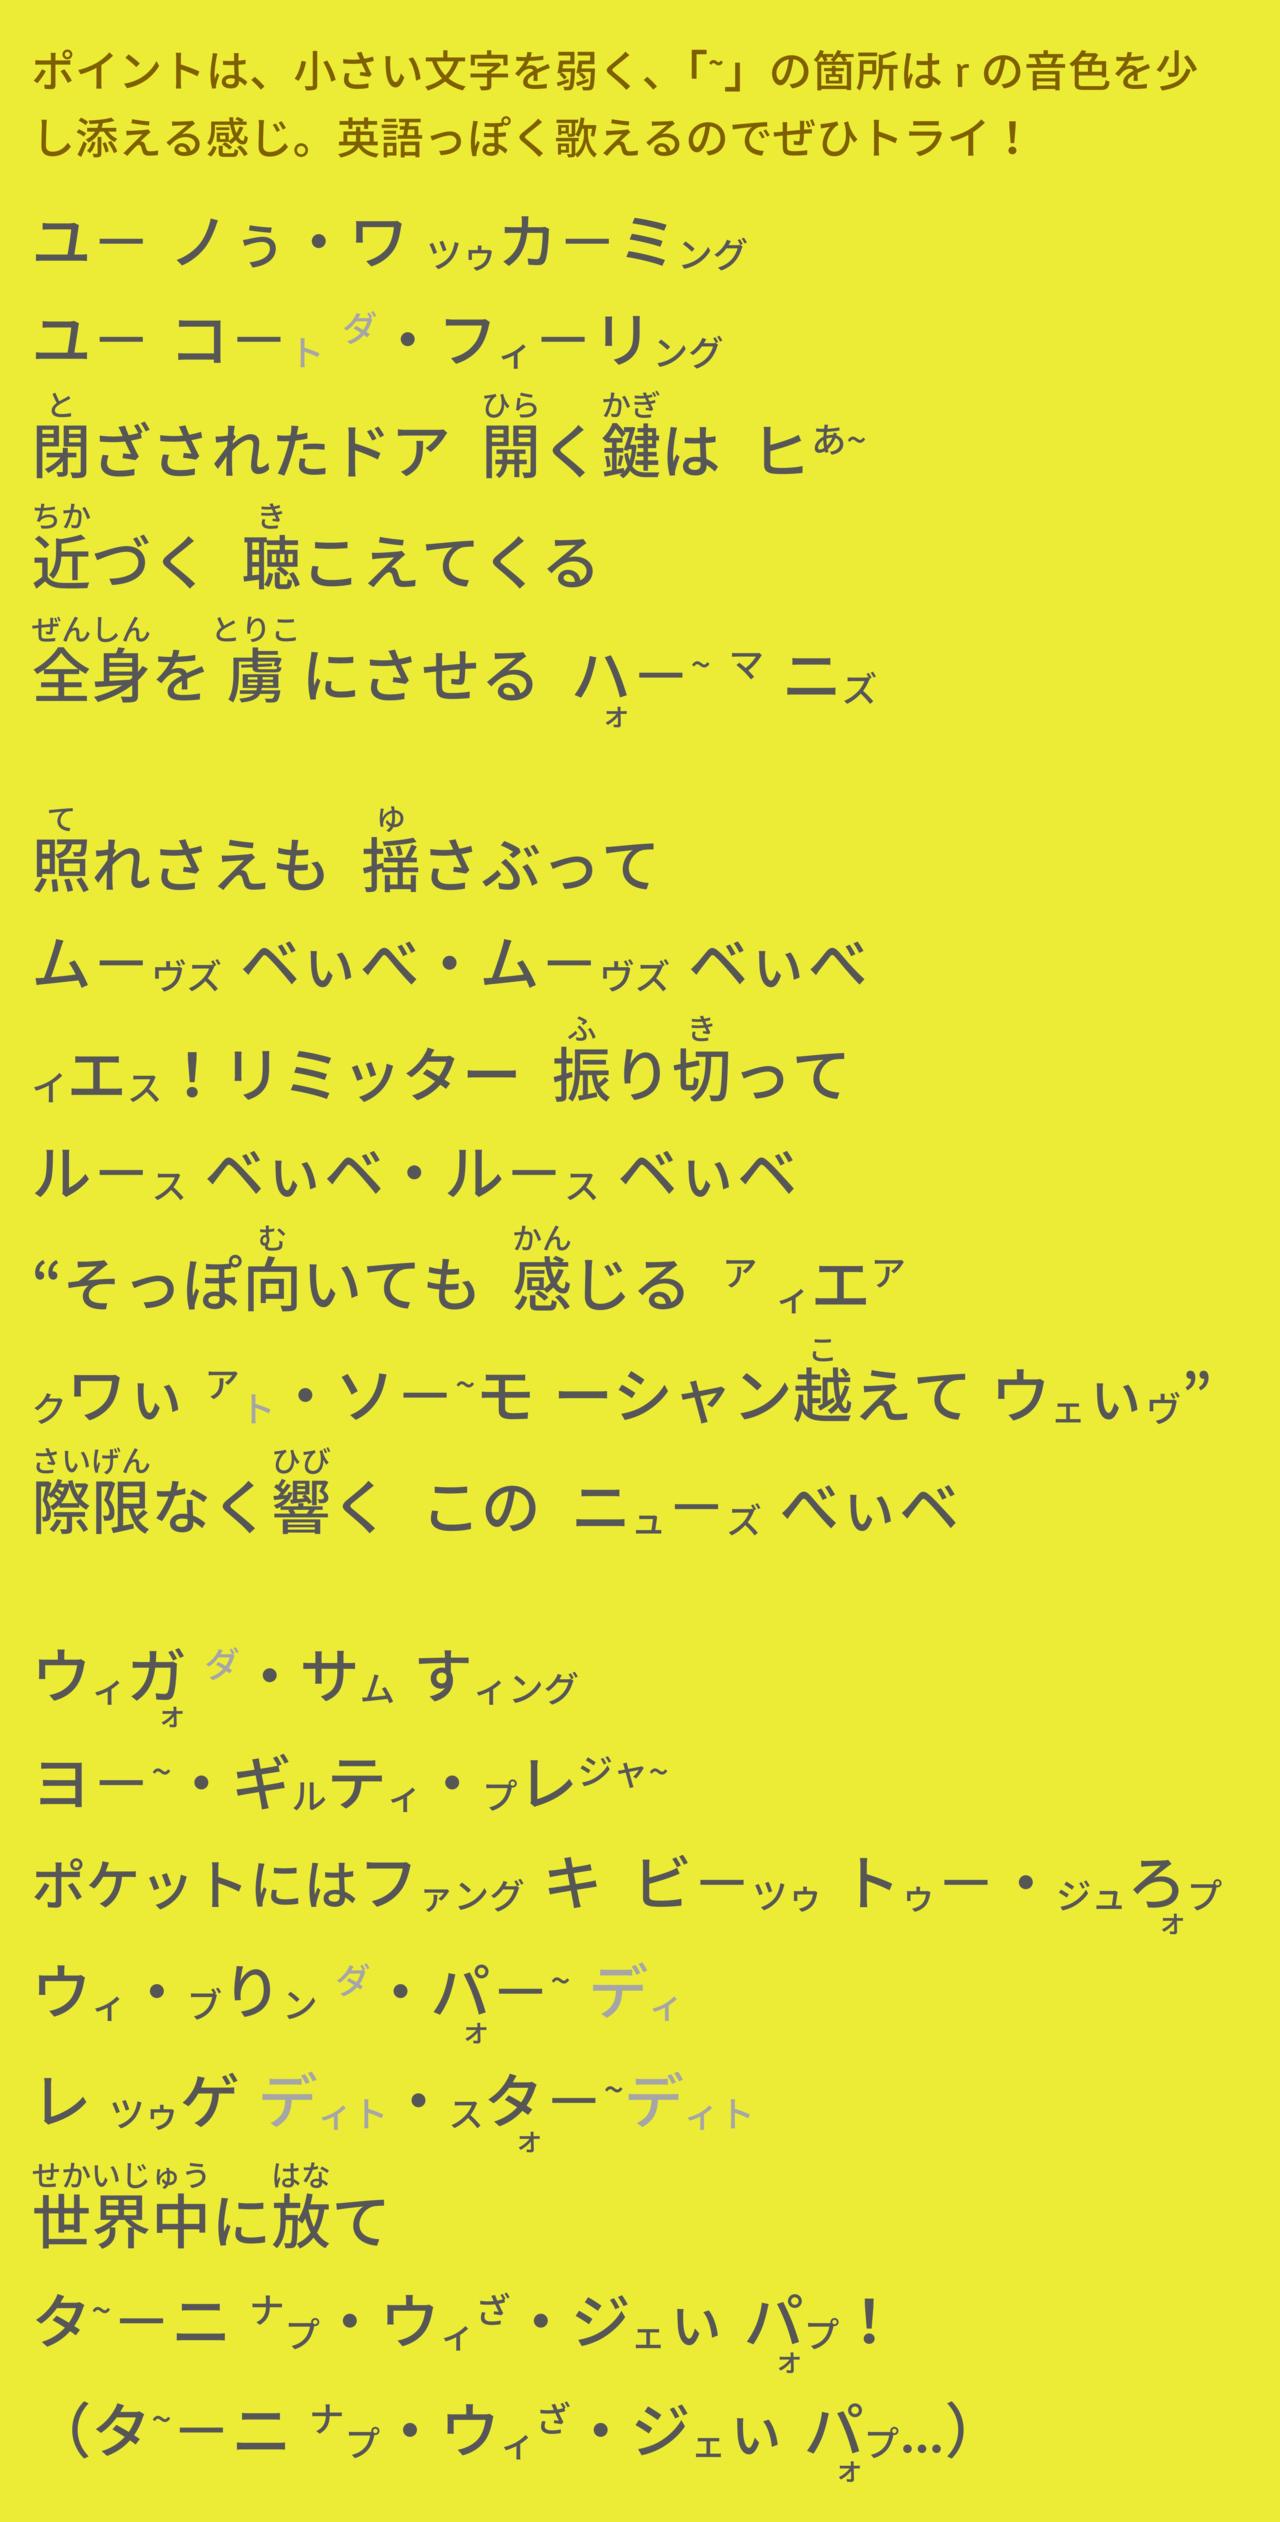 Twitter 嵐-01